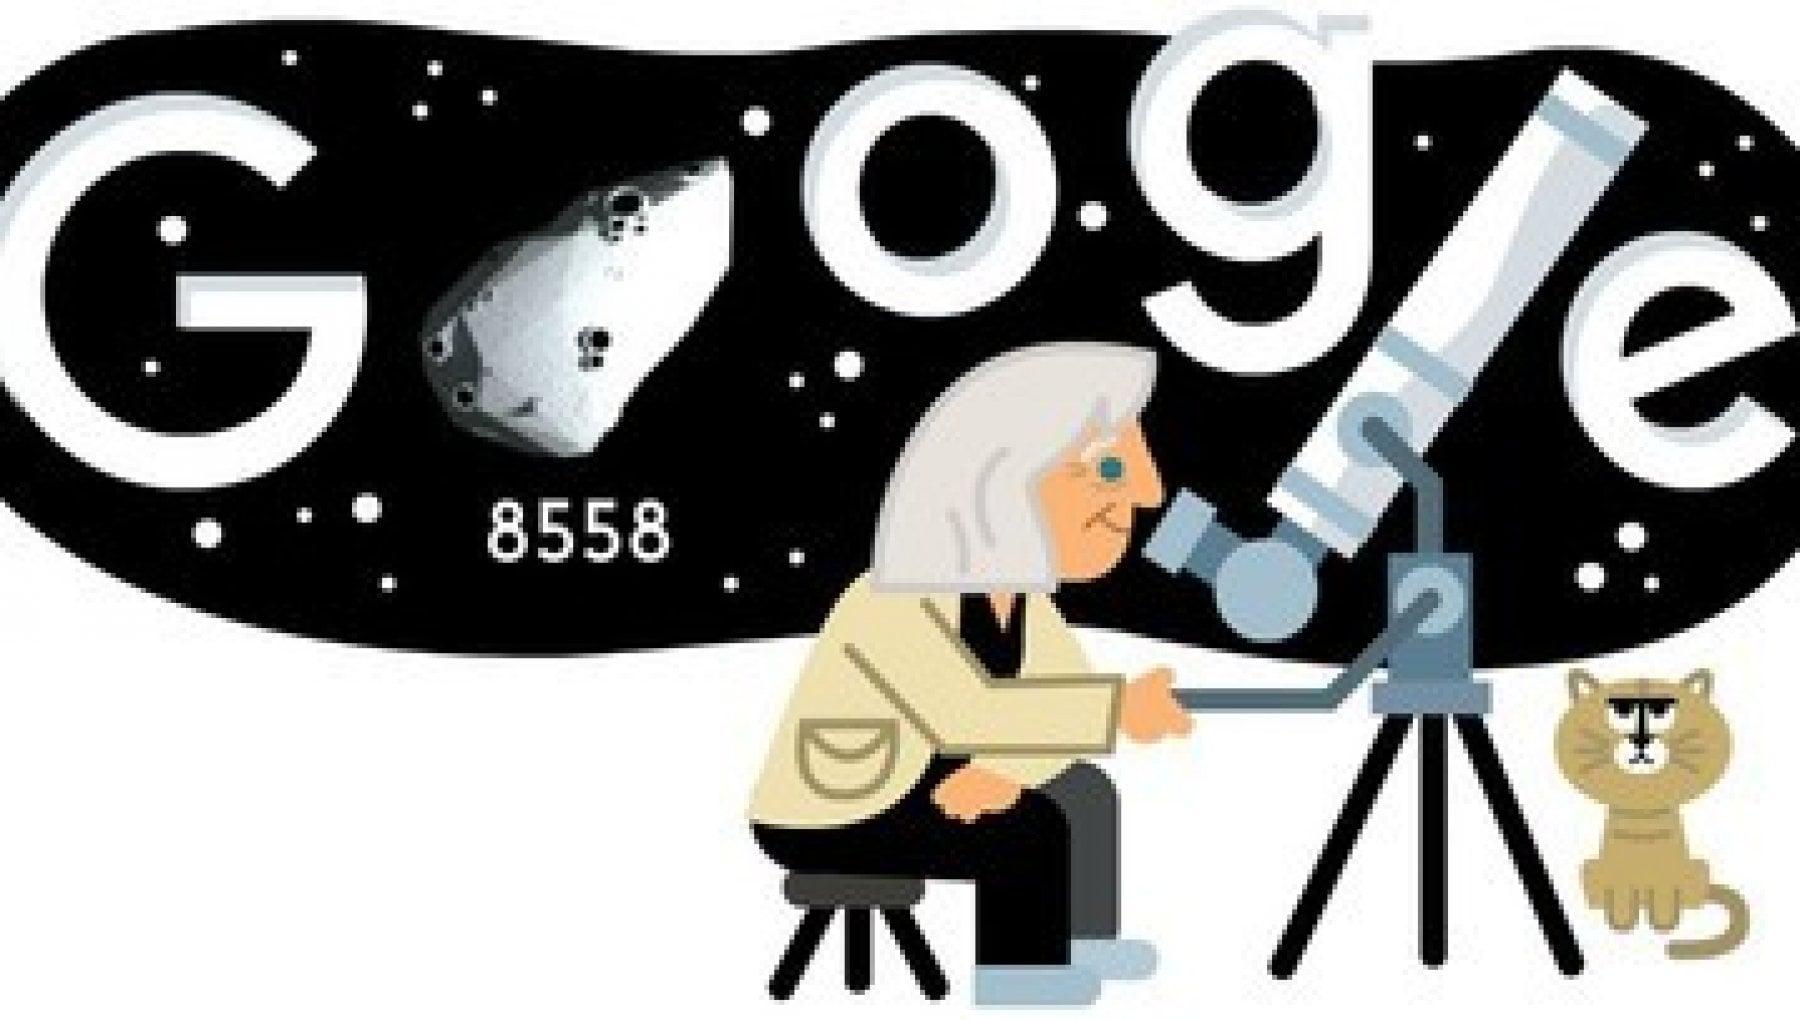 011354248 e99659f9 4c75 4c0c 997a 4ad42180ae5a - Google, un doodle 3D per i 99 anni di Margherita Hack